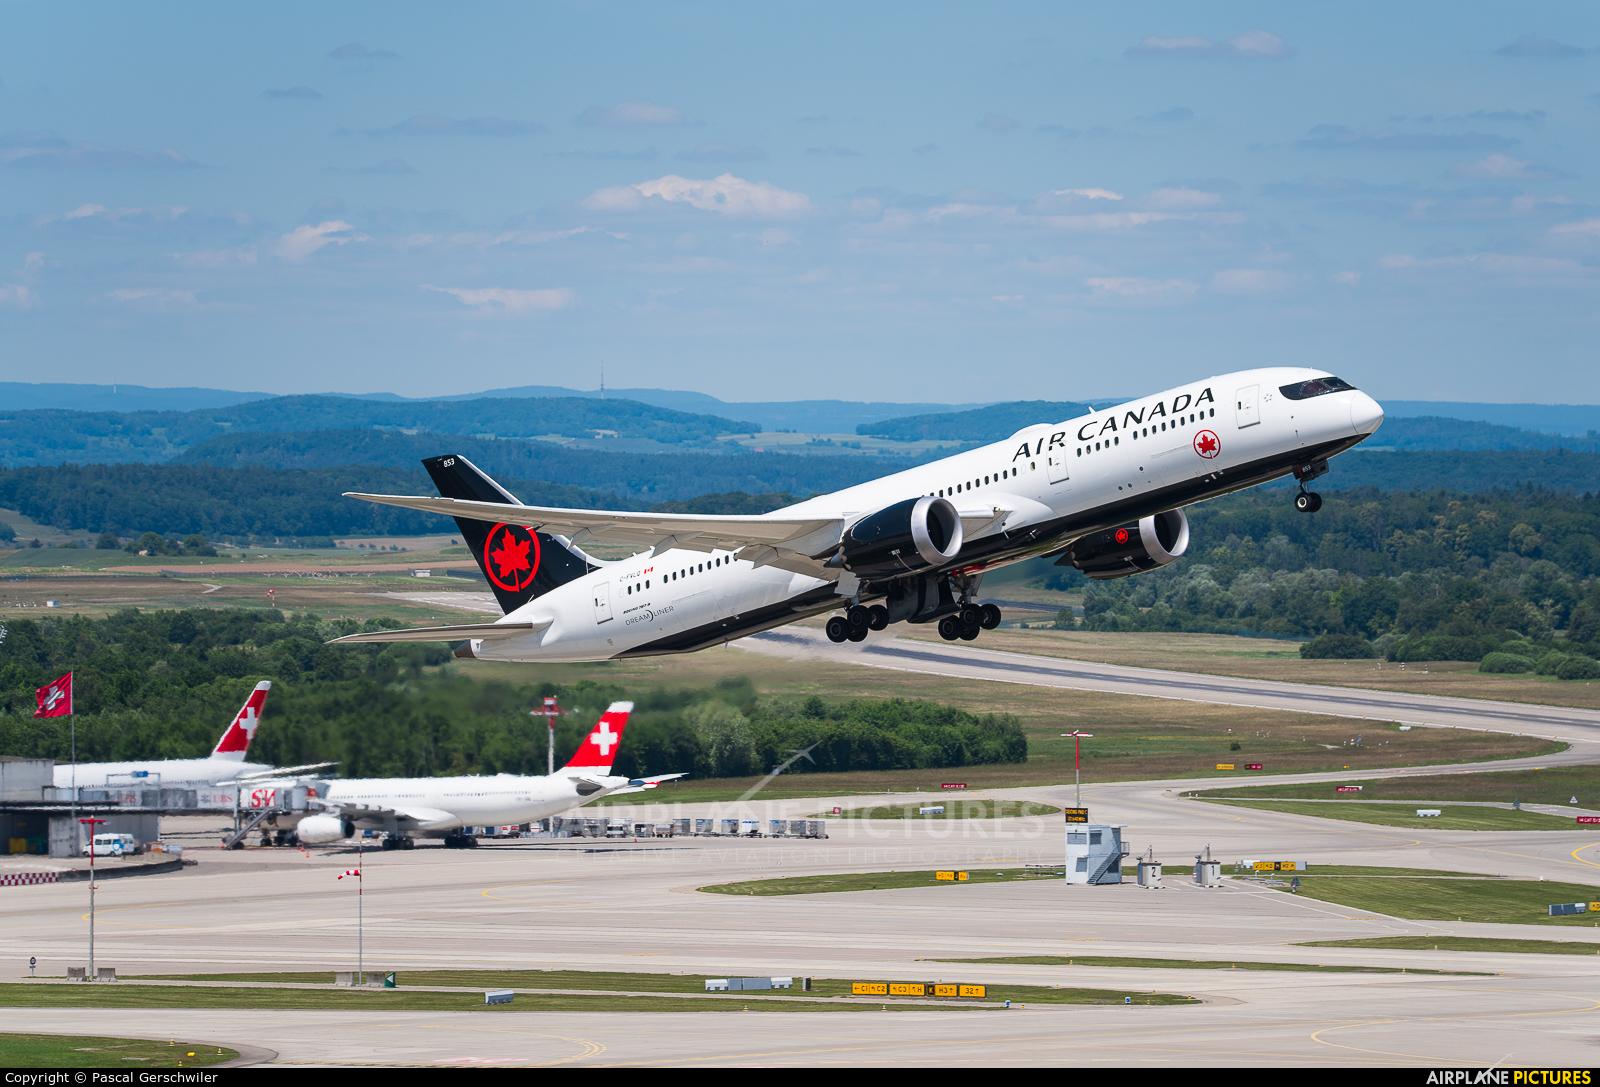 Air Canada C-FVLQ aircraft at Zurich